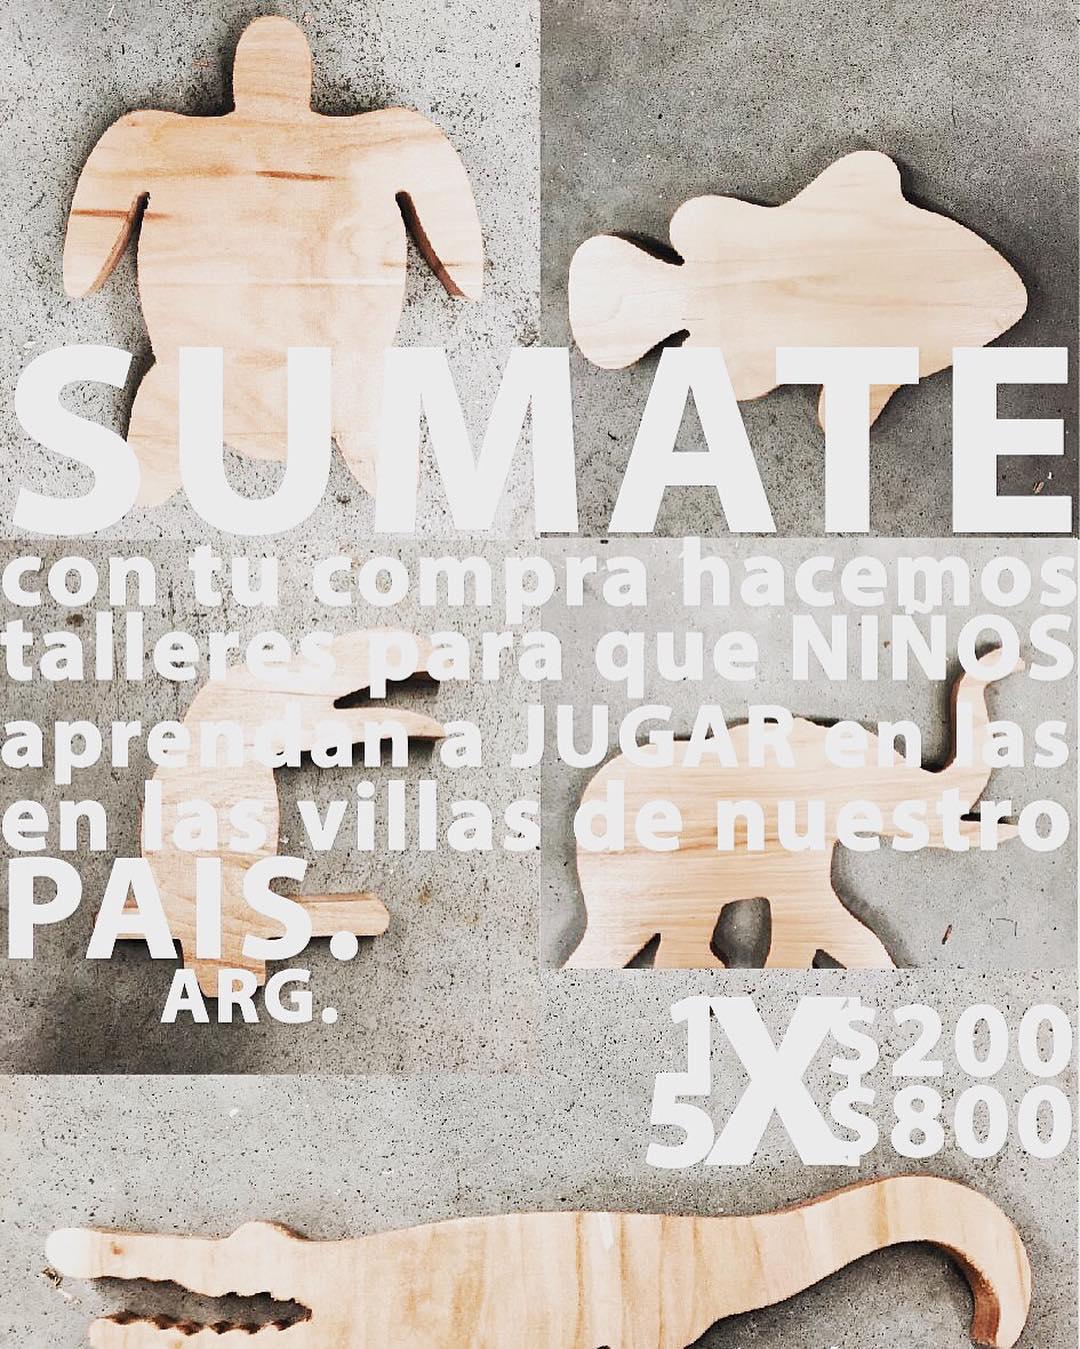 Juguetes .MAS. ---> compra el tuyo y contribui al desarrollo de talleres para niños en las villas de nuestro pais #juguetes #toys #mas